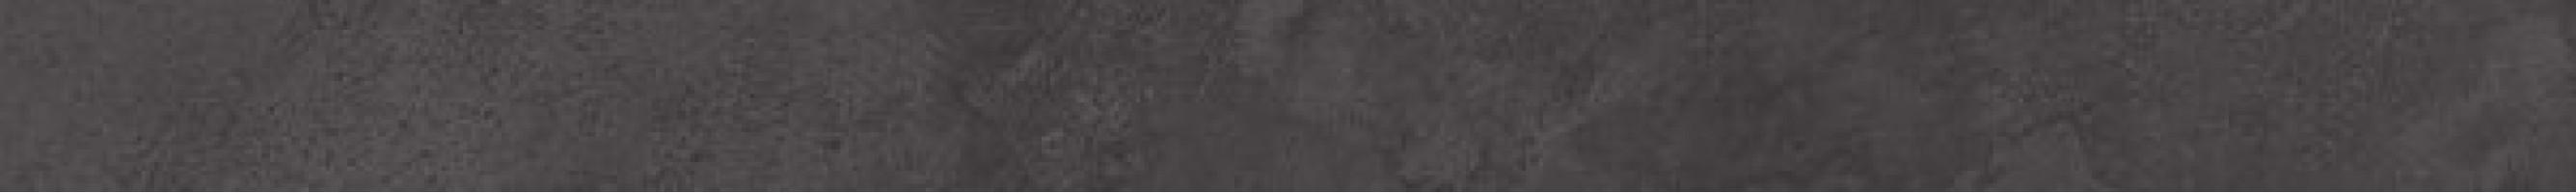 Плинтус V7590372 Mirage Zocalo Mirage Dark 9x80 Venis